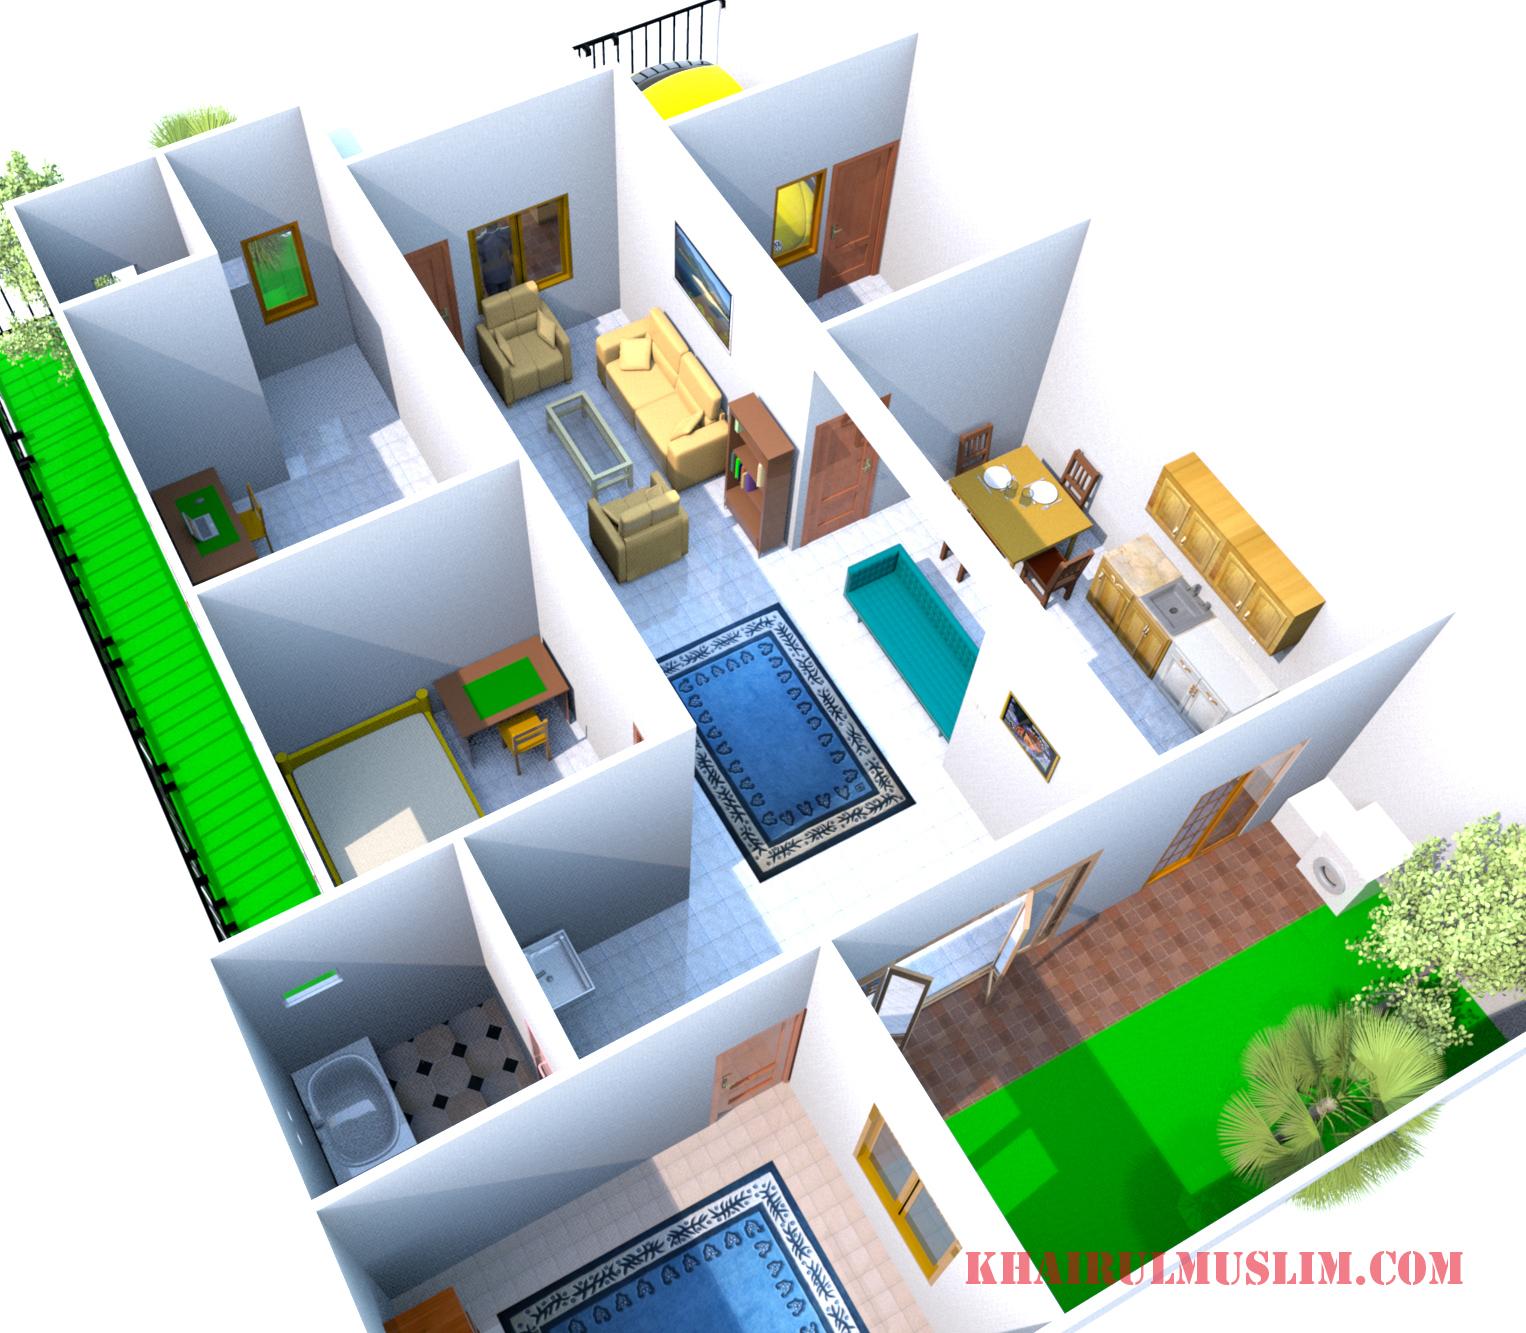 Desain Rumah Pojok 1 Lantai Lahan 10 X 15 M Luas Bangunan 90 M Khairul Muslim Com